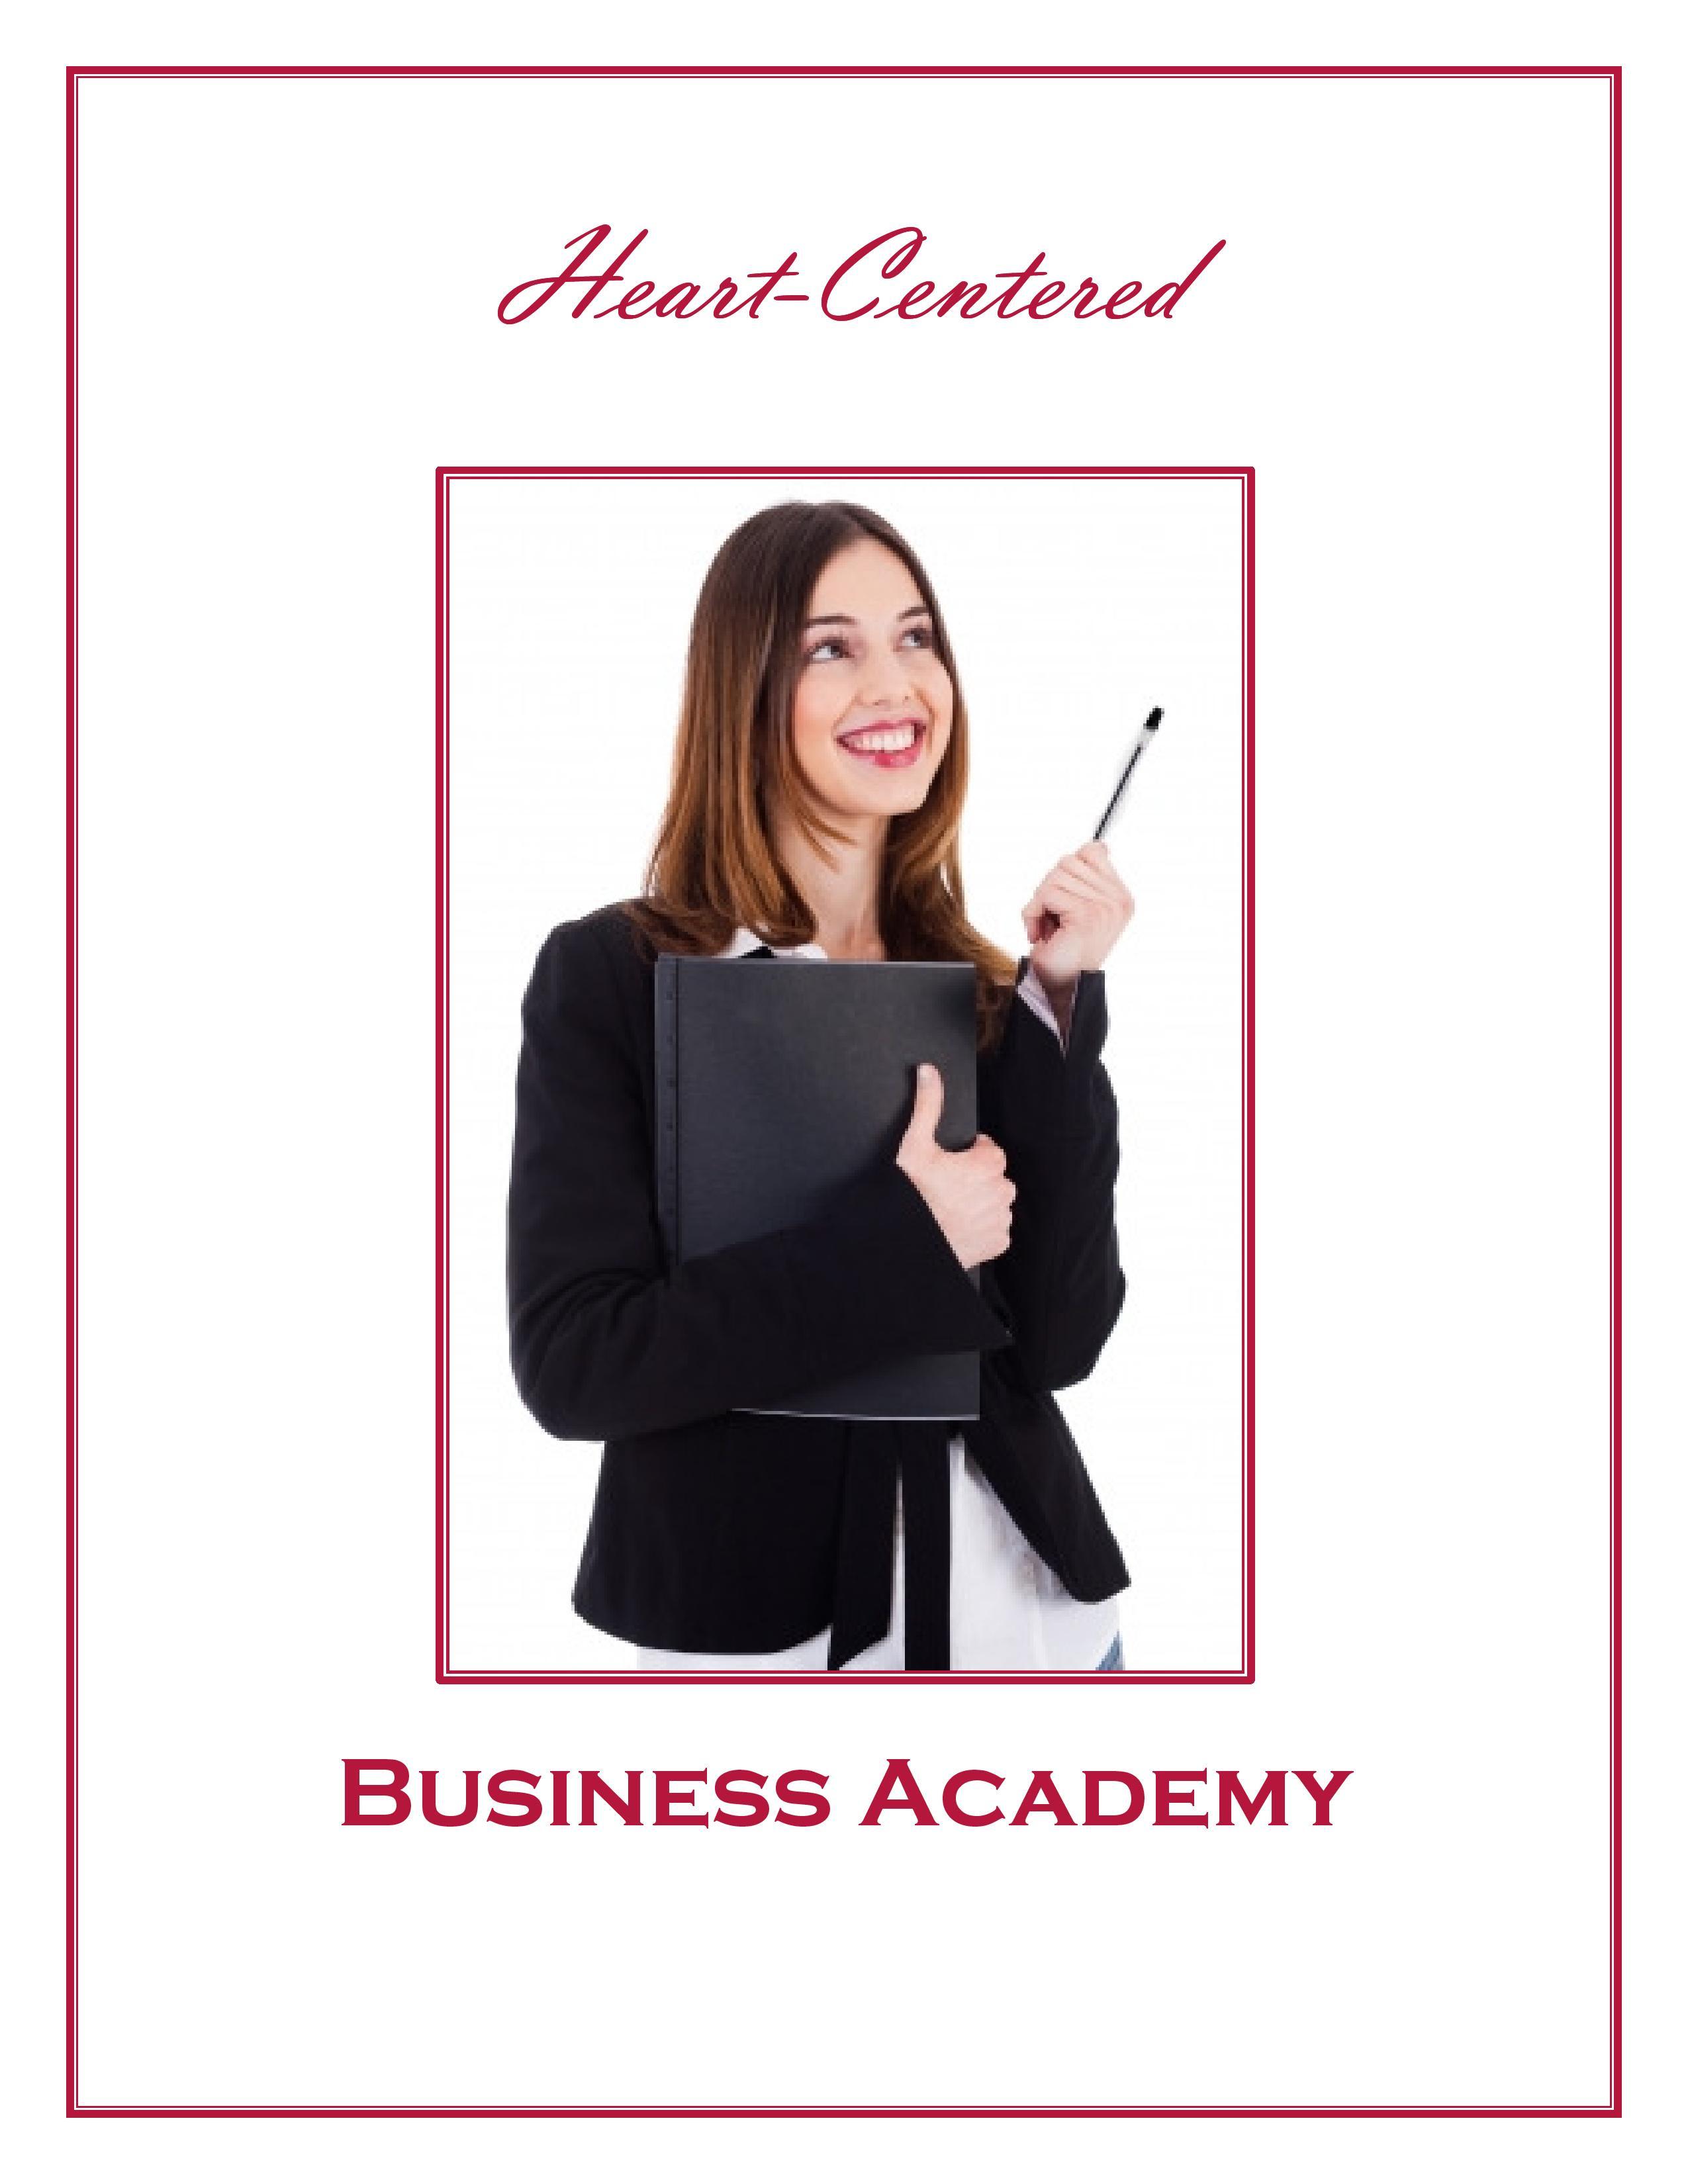 Heart-Centered Business Academy